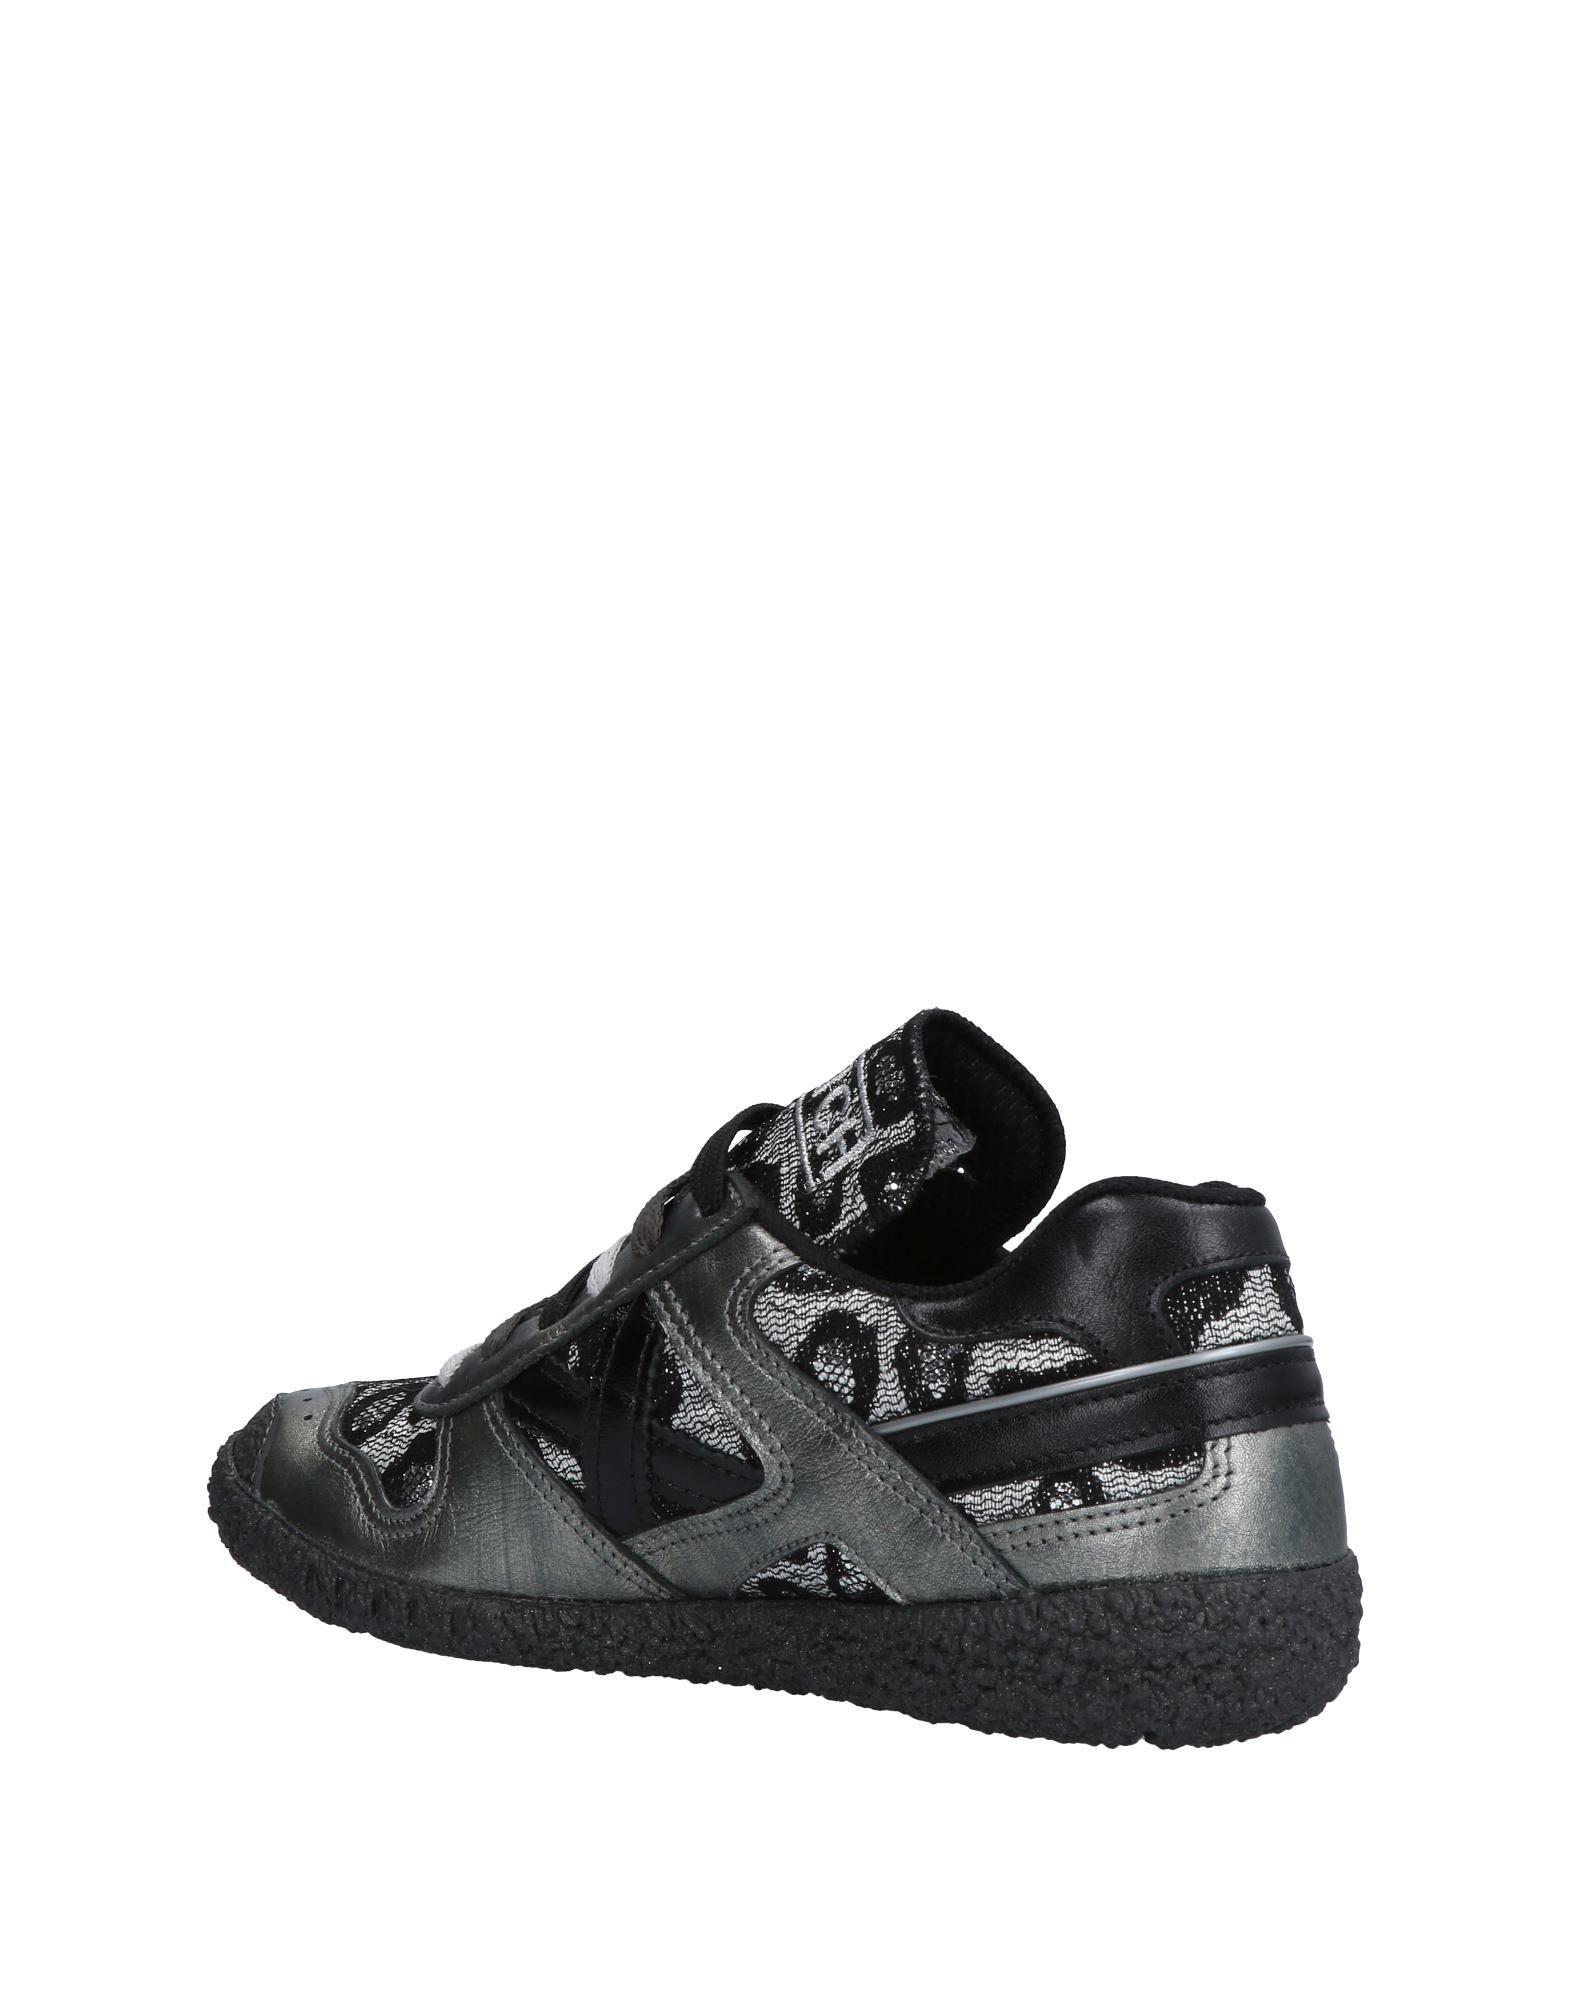 Scarpe economiche e resistenti Sneakers Munich Donna - 11446386HI